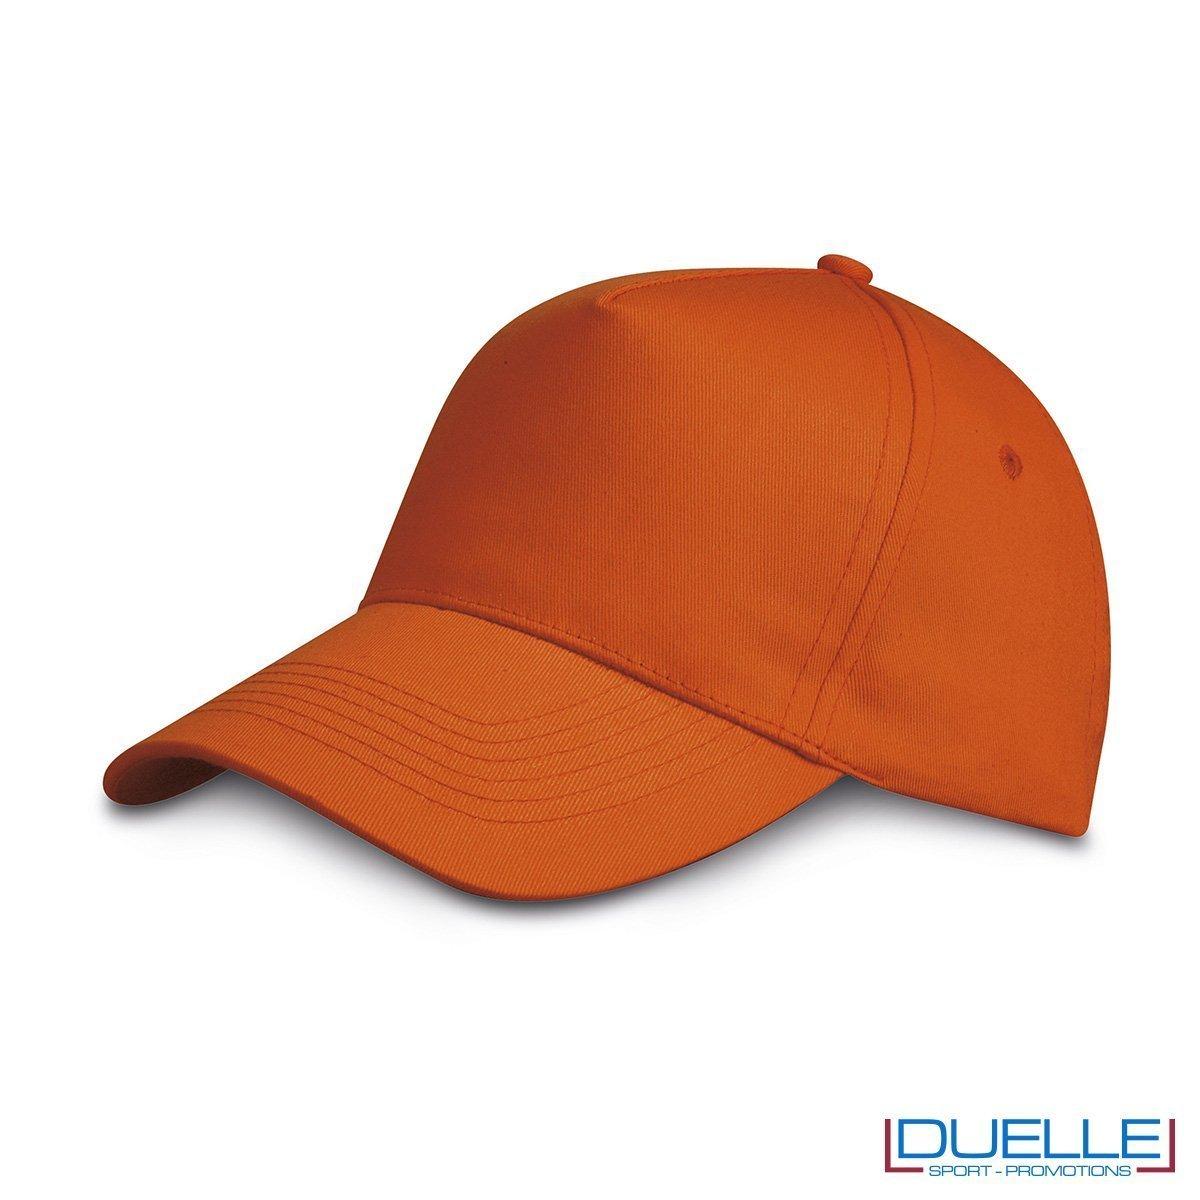 cappellino personalizzato golf a 5 pannelli colore arancione